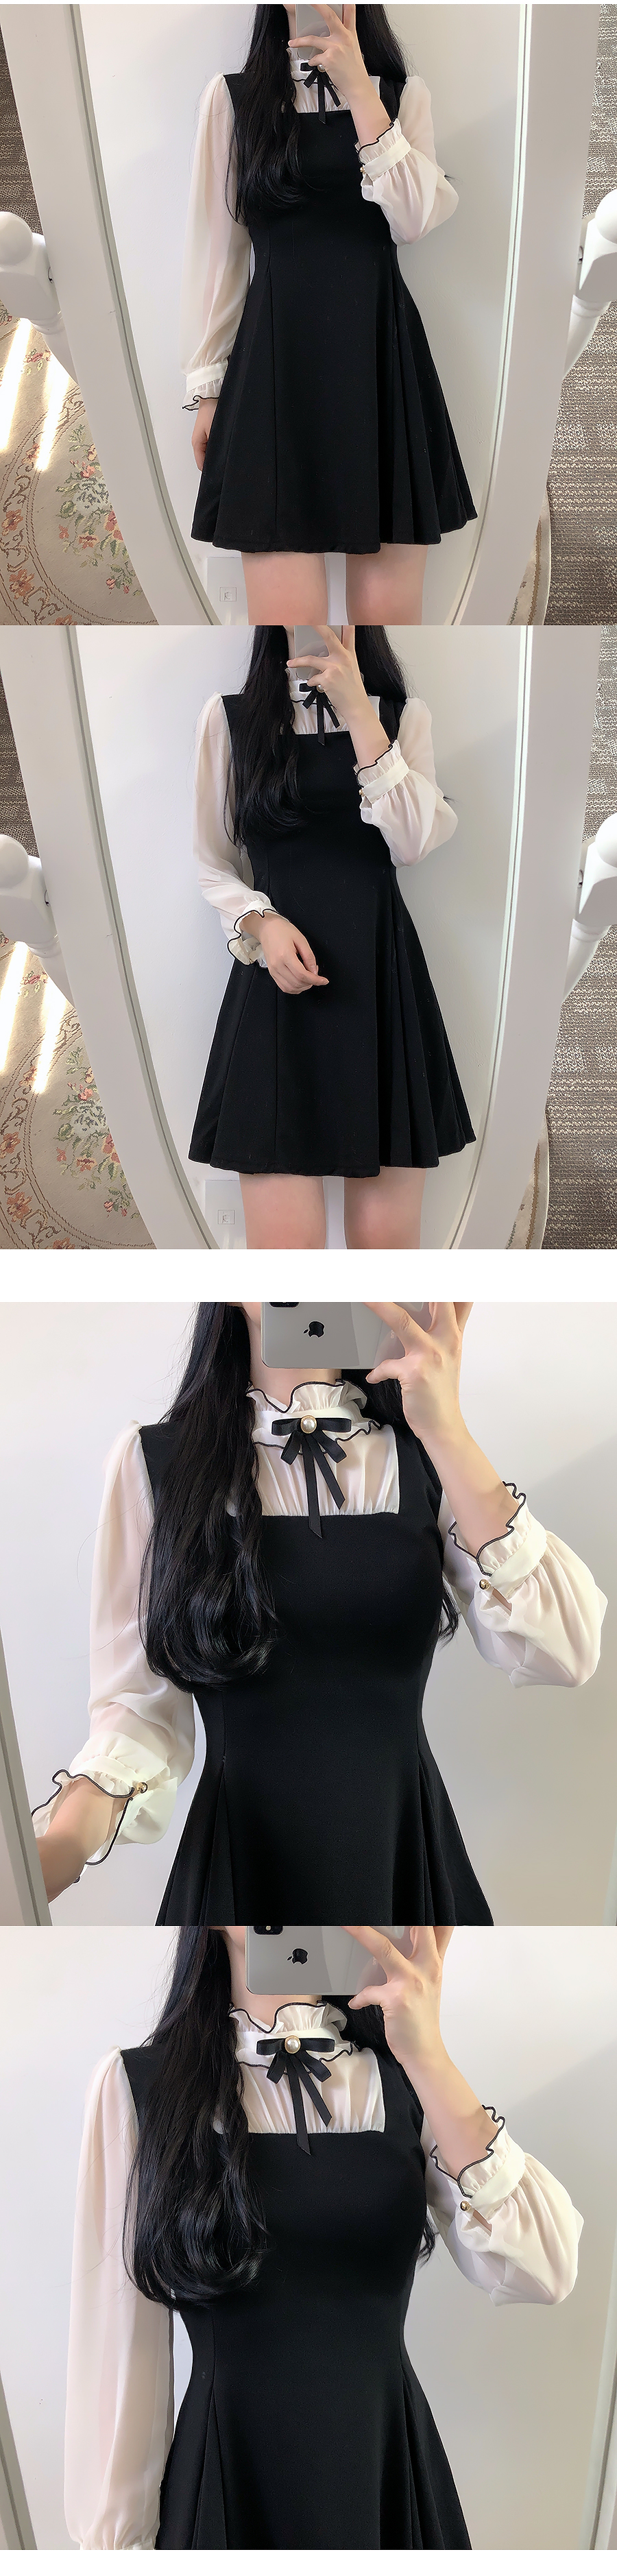 재입고♥브로치set듀니 배색원피스(레드,블랙)